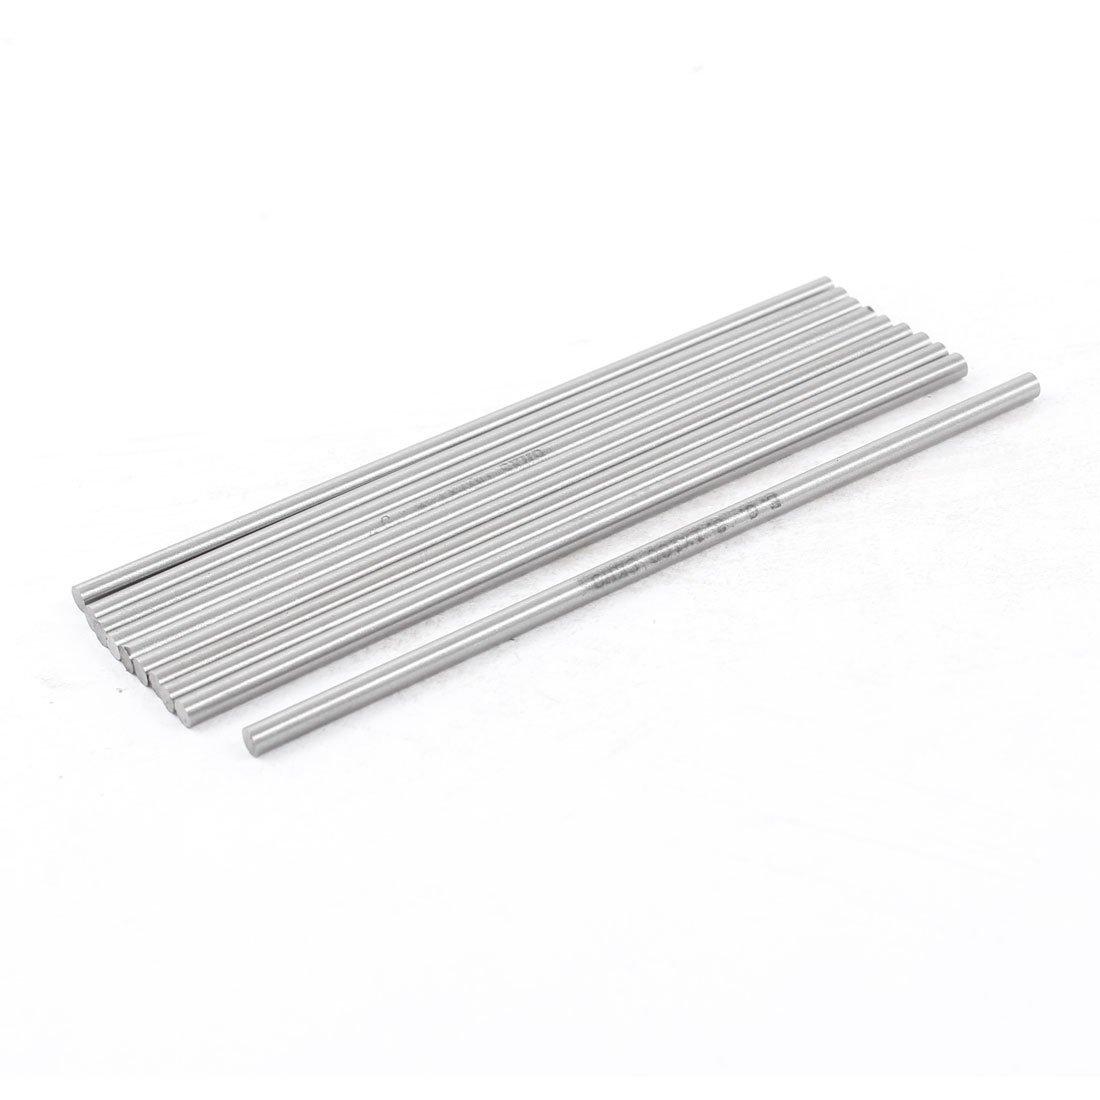 sourcingmap® 10 Piezas De 3.1 mm x 100 mm De Acero De Alta Velocidad Torno De Torneado Redondo Barras De Plata Gris